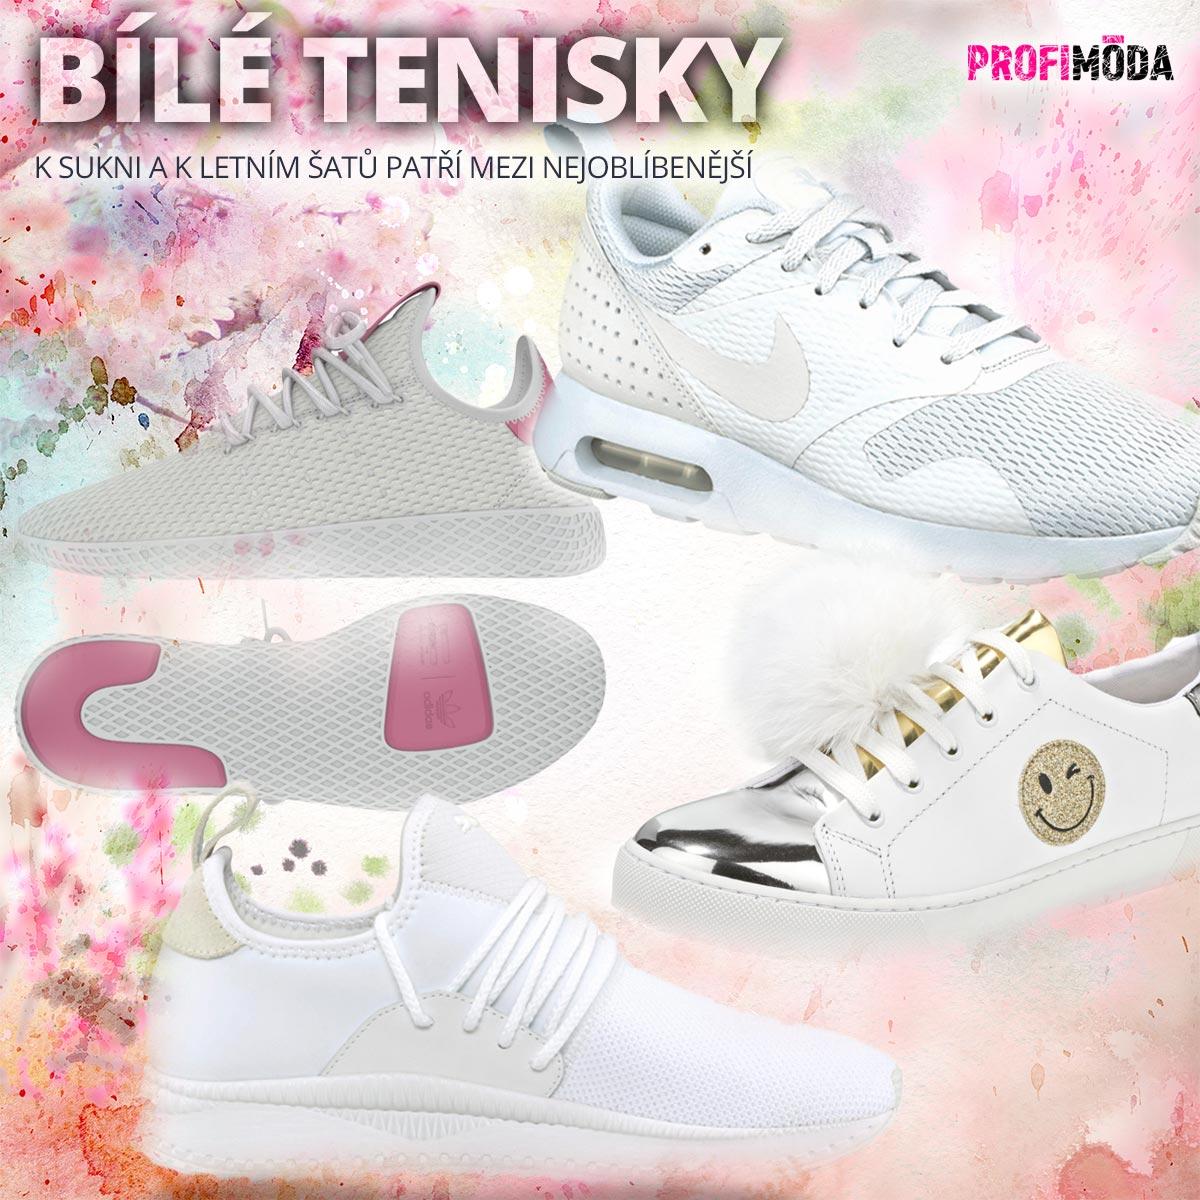 Bílé tenisky k sukni a k letním šatů patří mezi nejoblíbenější. Už máte ty své?